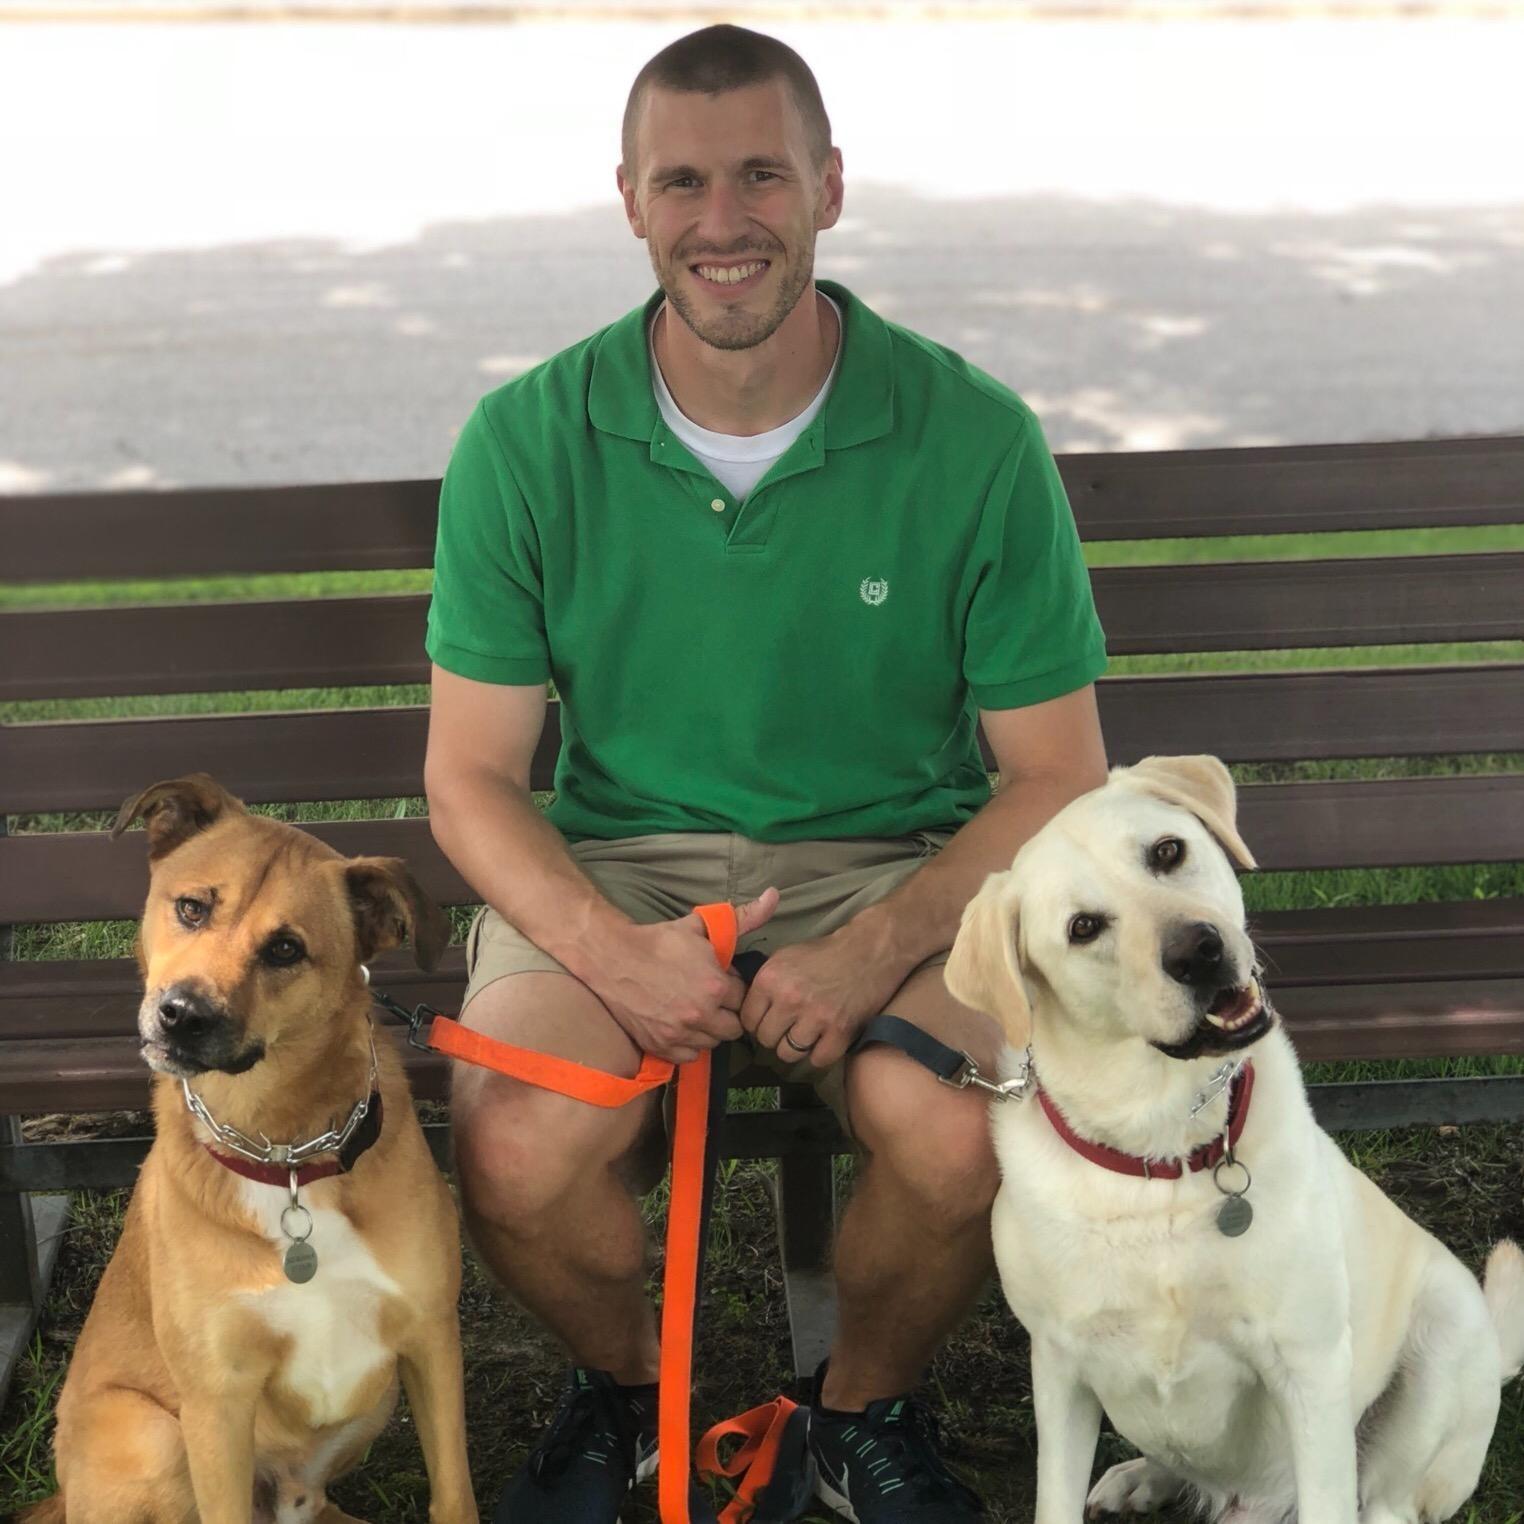 David's dog day care